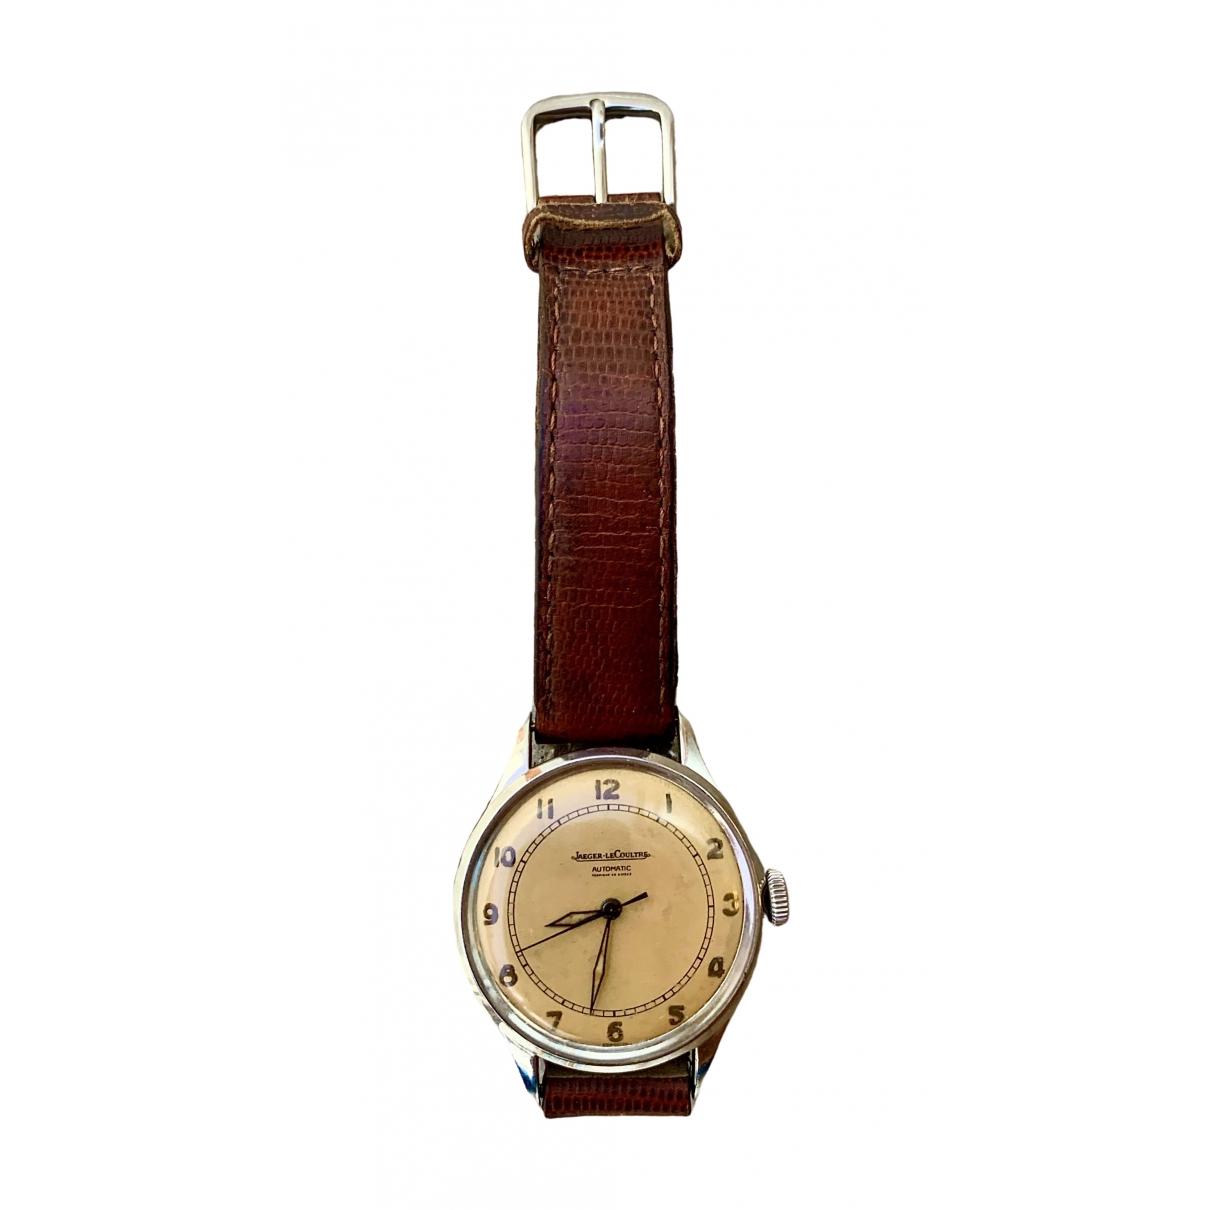 Jaeger-lecoultre - Montre Vintage pour homme en acier - beige